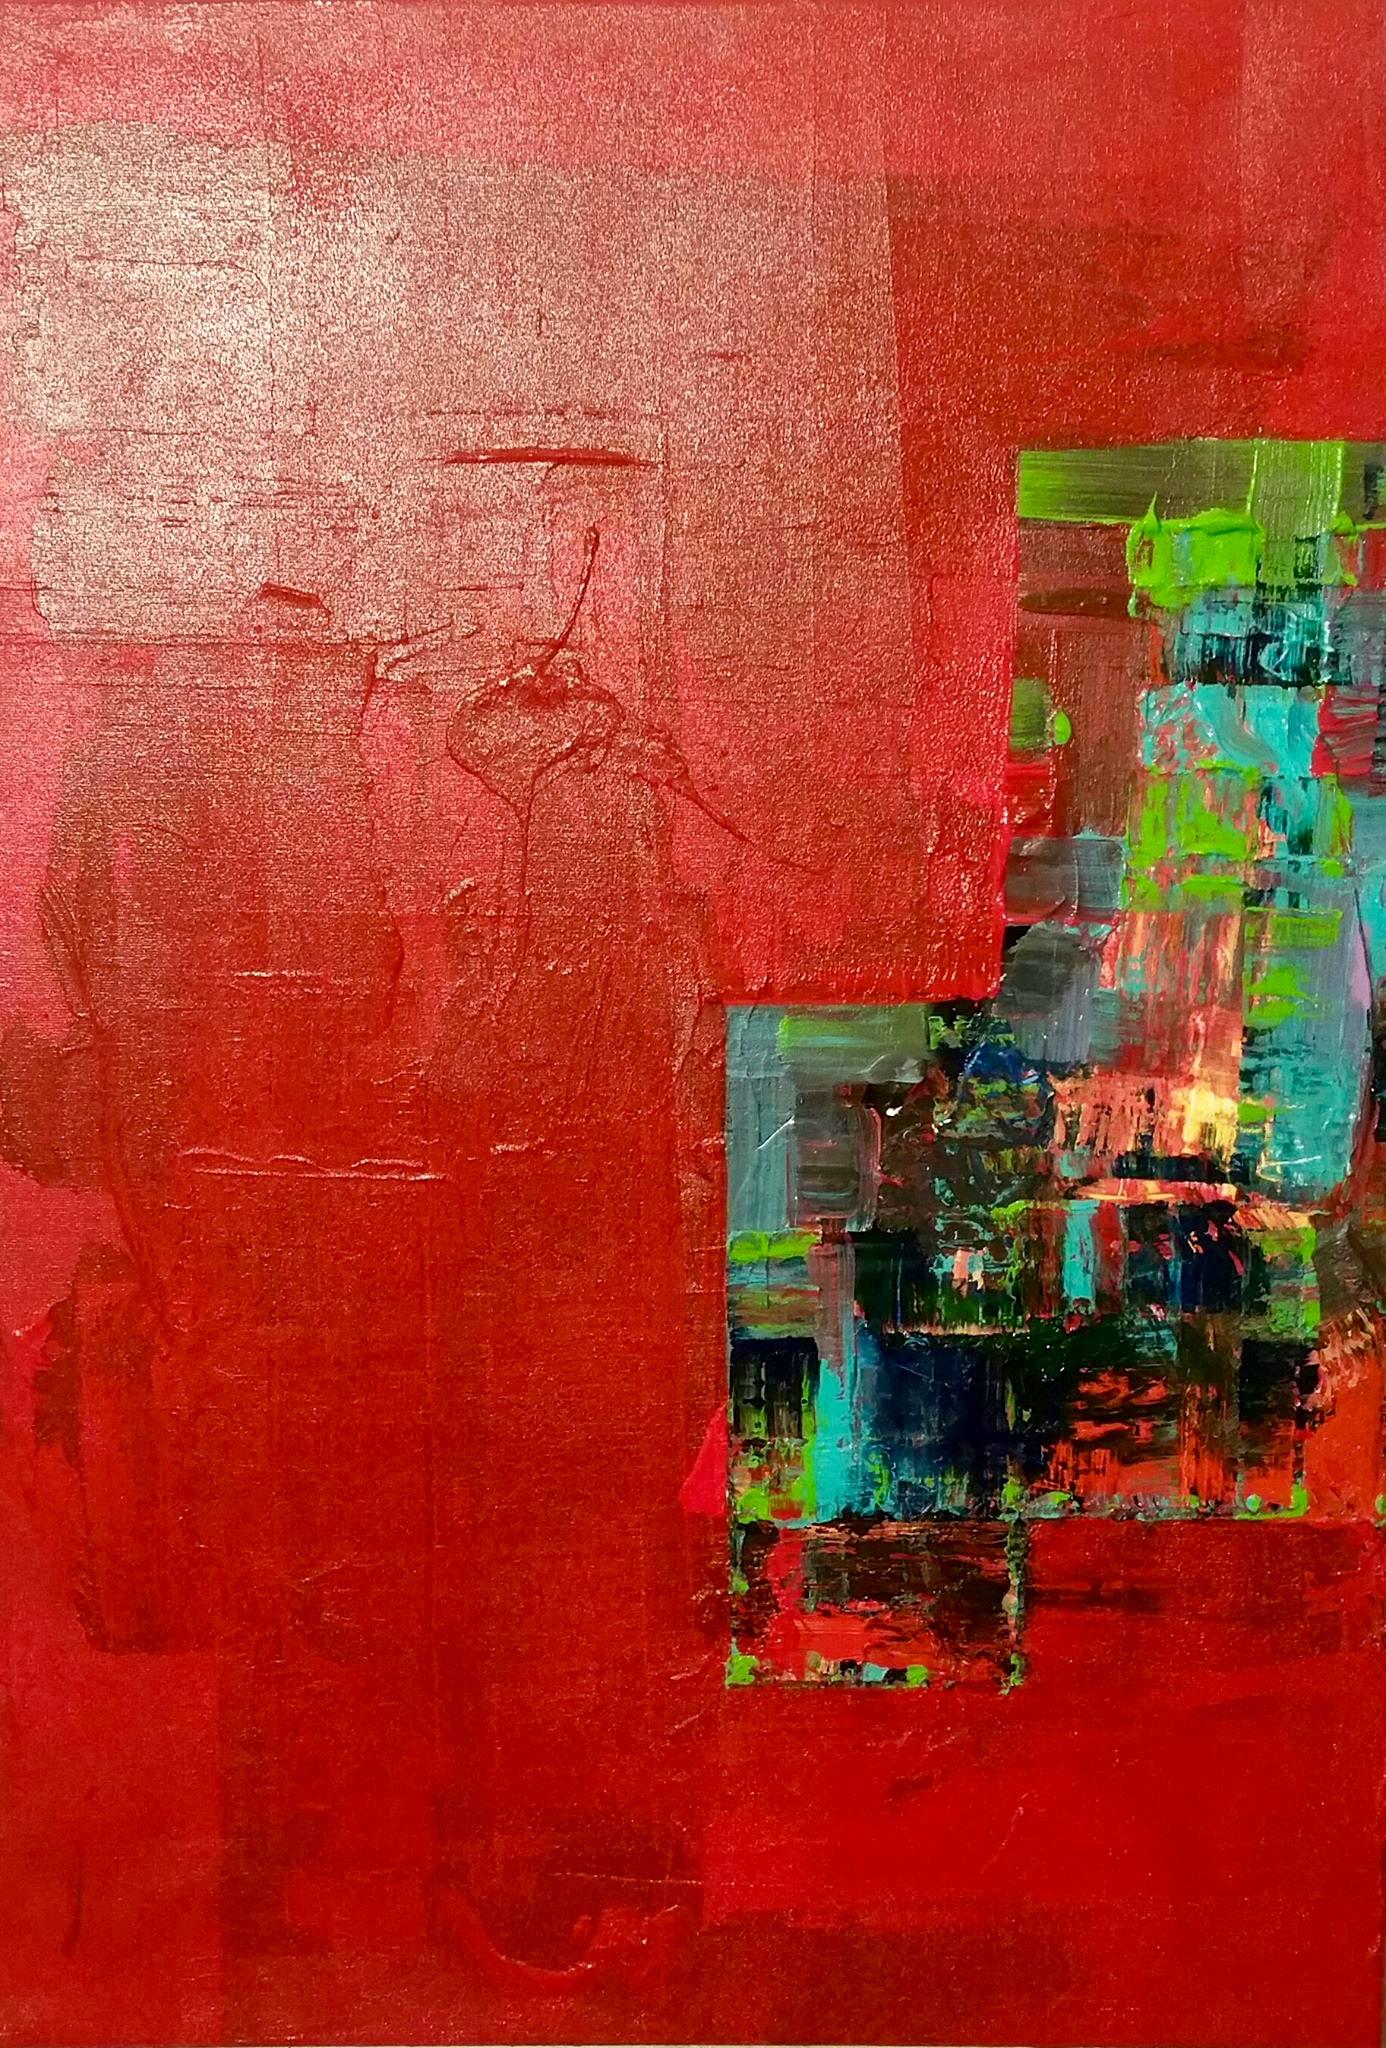 Surrounding Red #3 2016